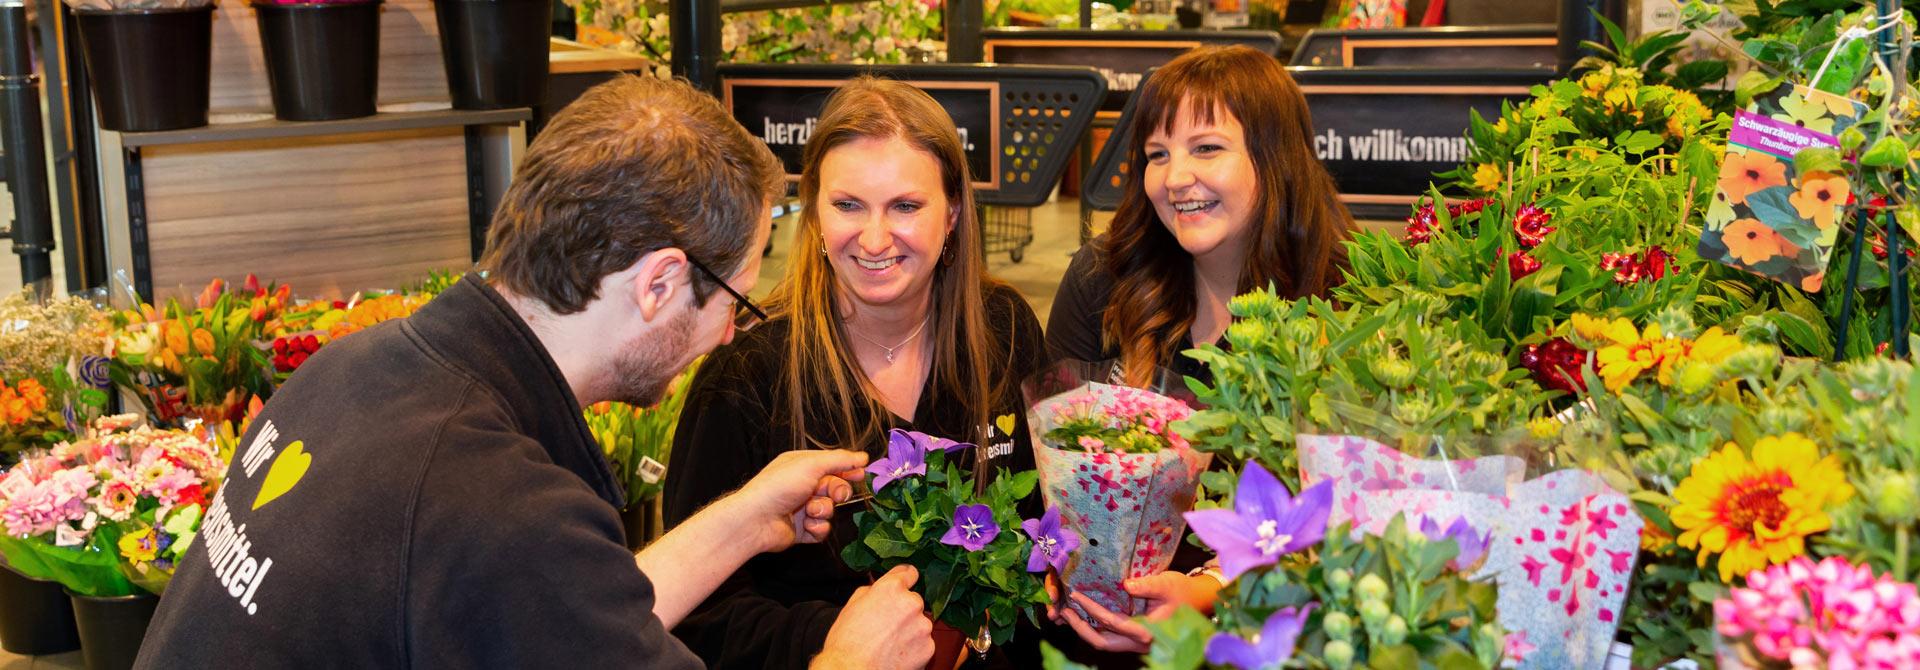 Floristik-Abteilung im EDEKA Häfner